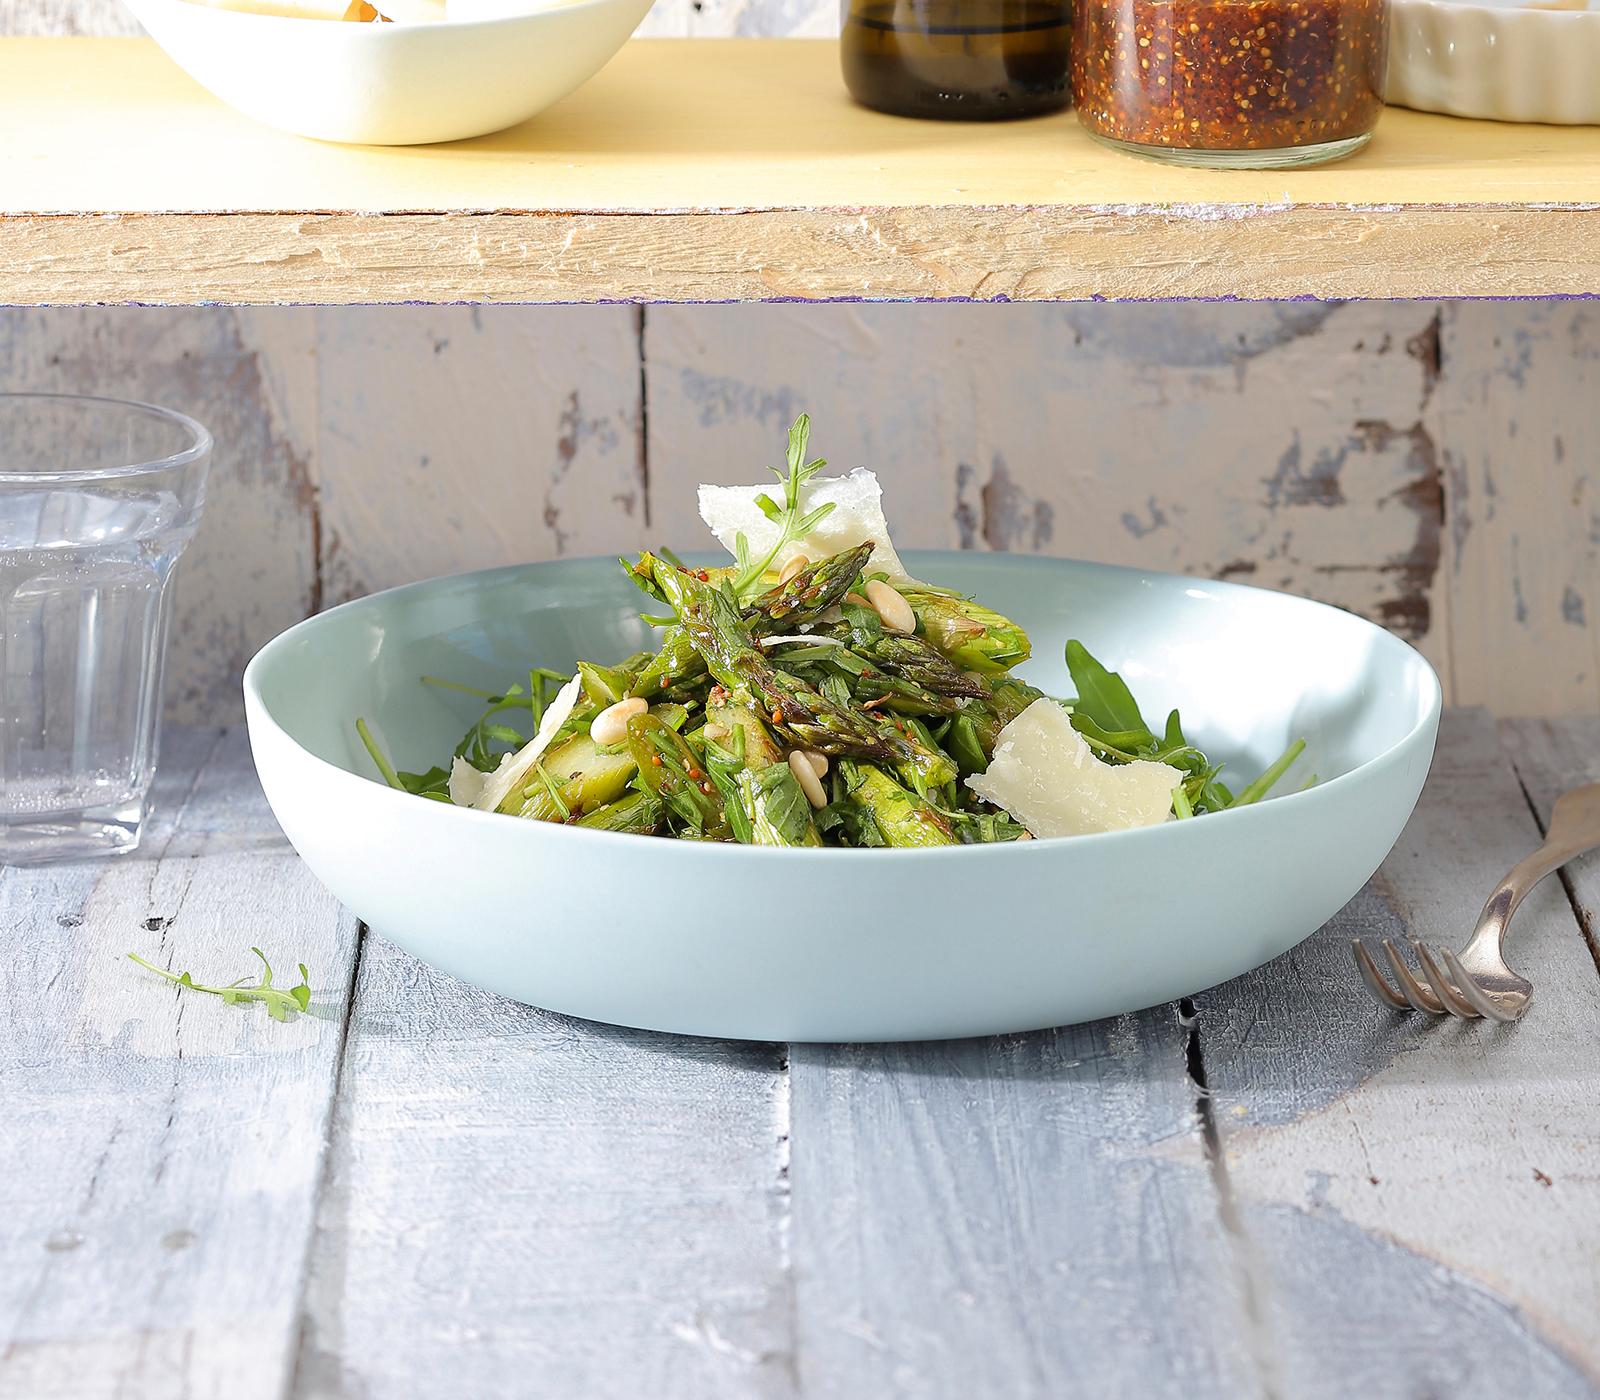 Rucola-Salat mit grillierten Spargeln - Annemarie Wildeisen's KOCHEN